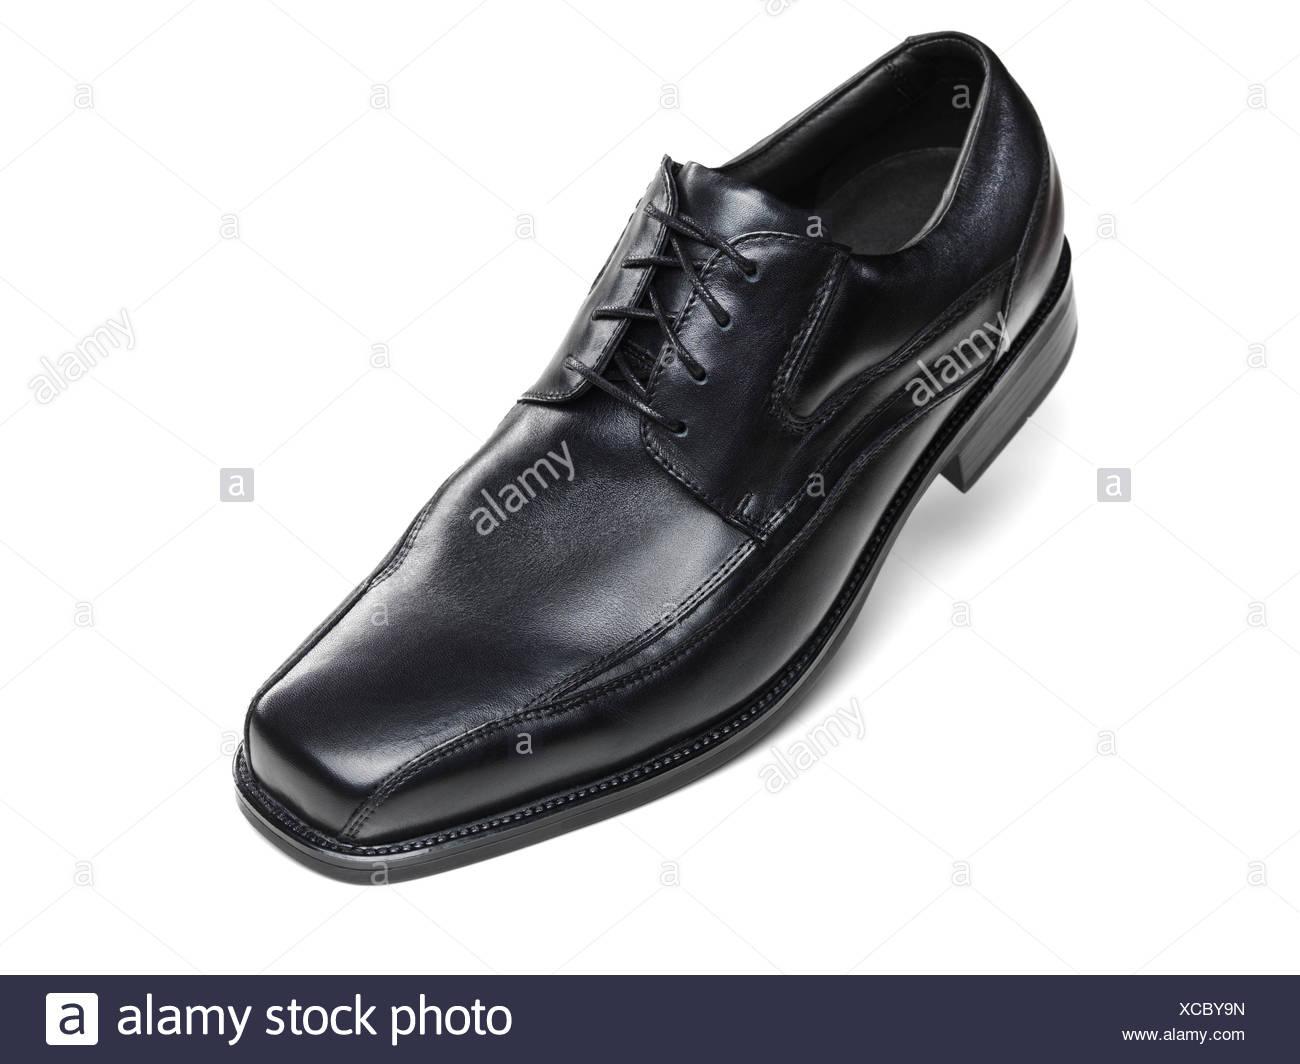 46d0af97 Mens Dress Shoes Stock Photos & Mens Dress Shoes Stock Images - Alamy